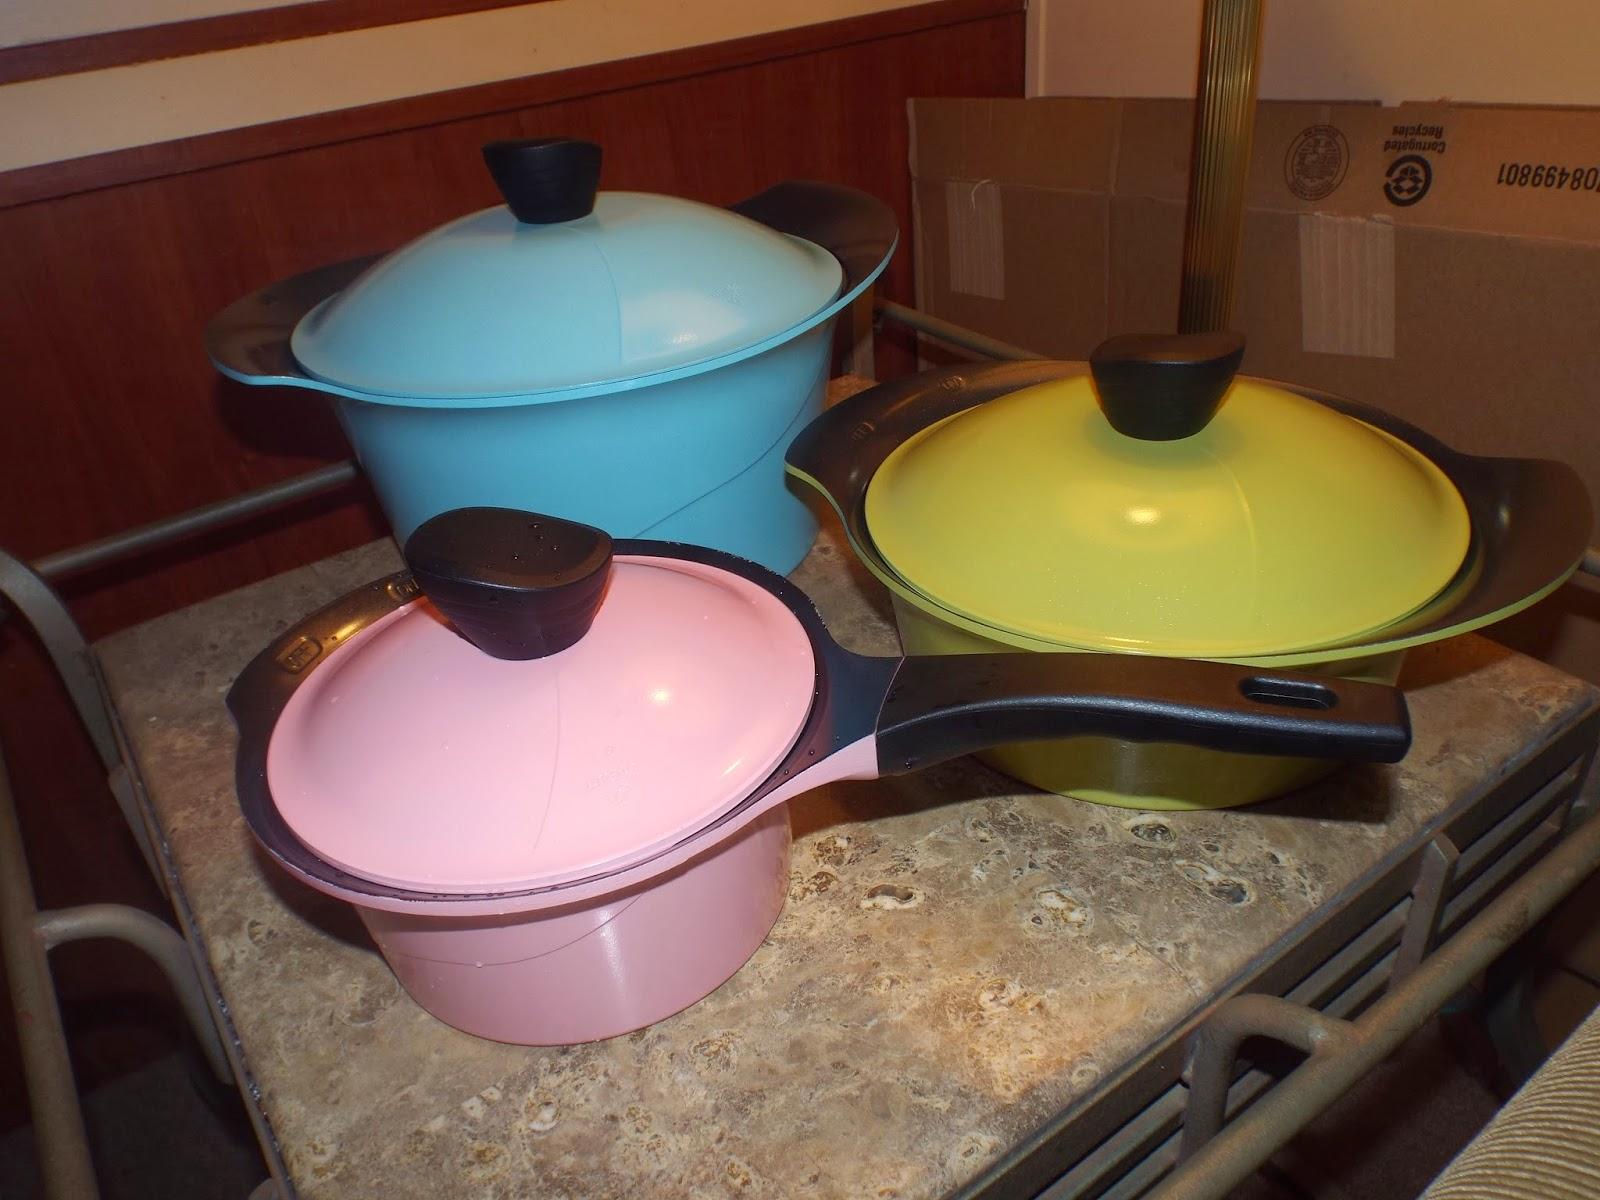 Vremi Retro Styled Pots